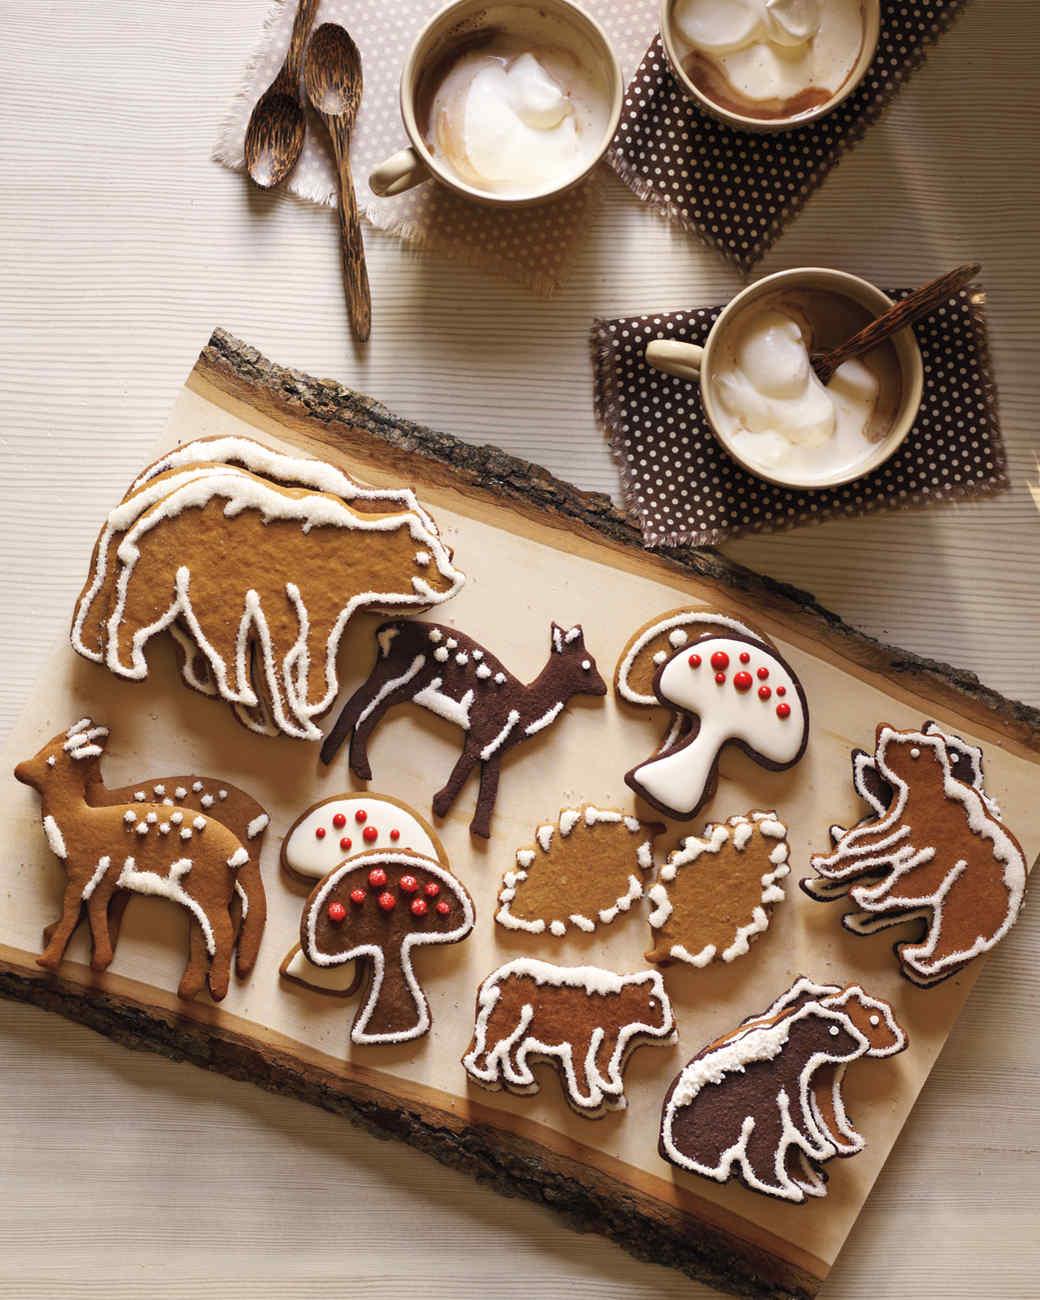 gingerbread-cookies-473-mld108759.jpg